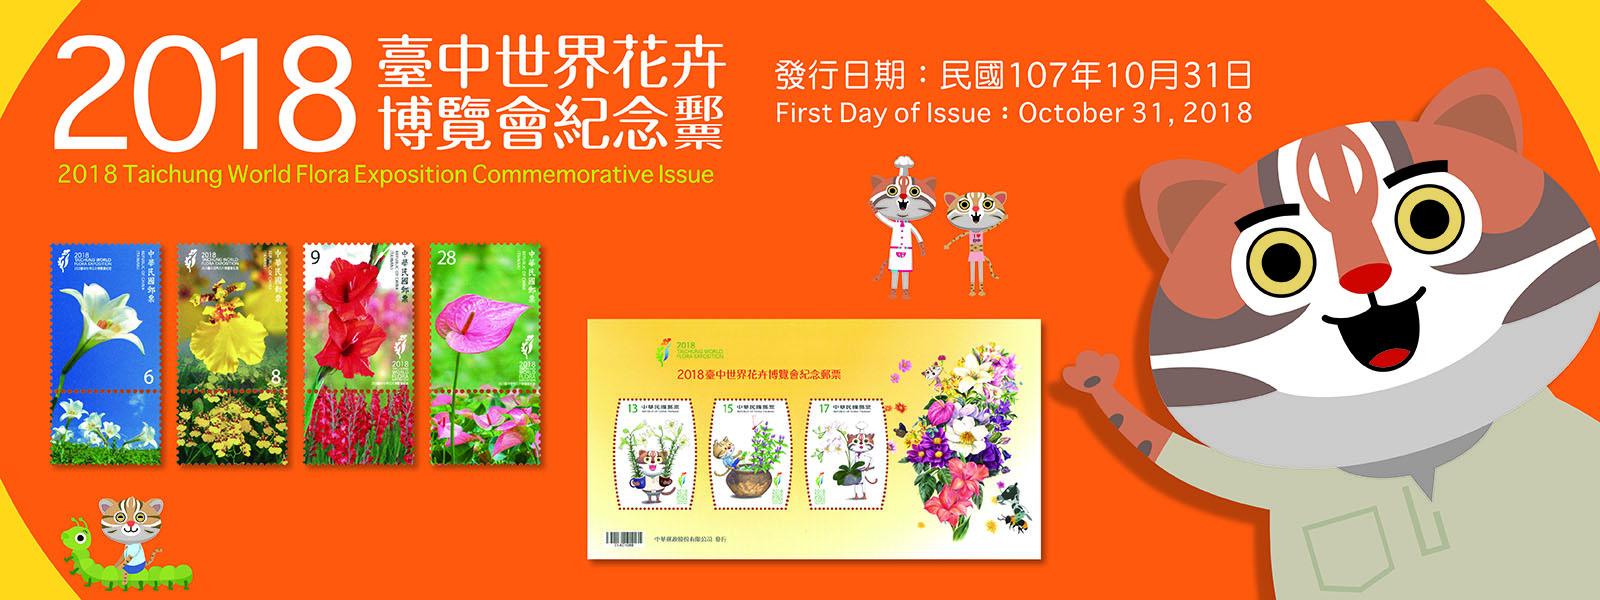 廣告連結:2018臺中世界花卉博覽會紀念郵票